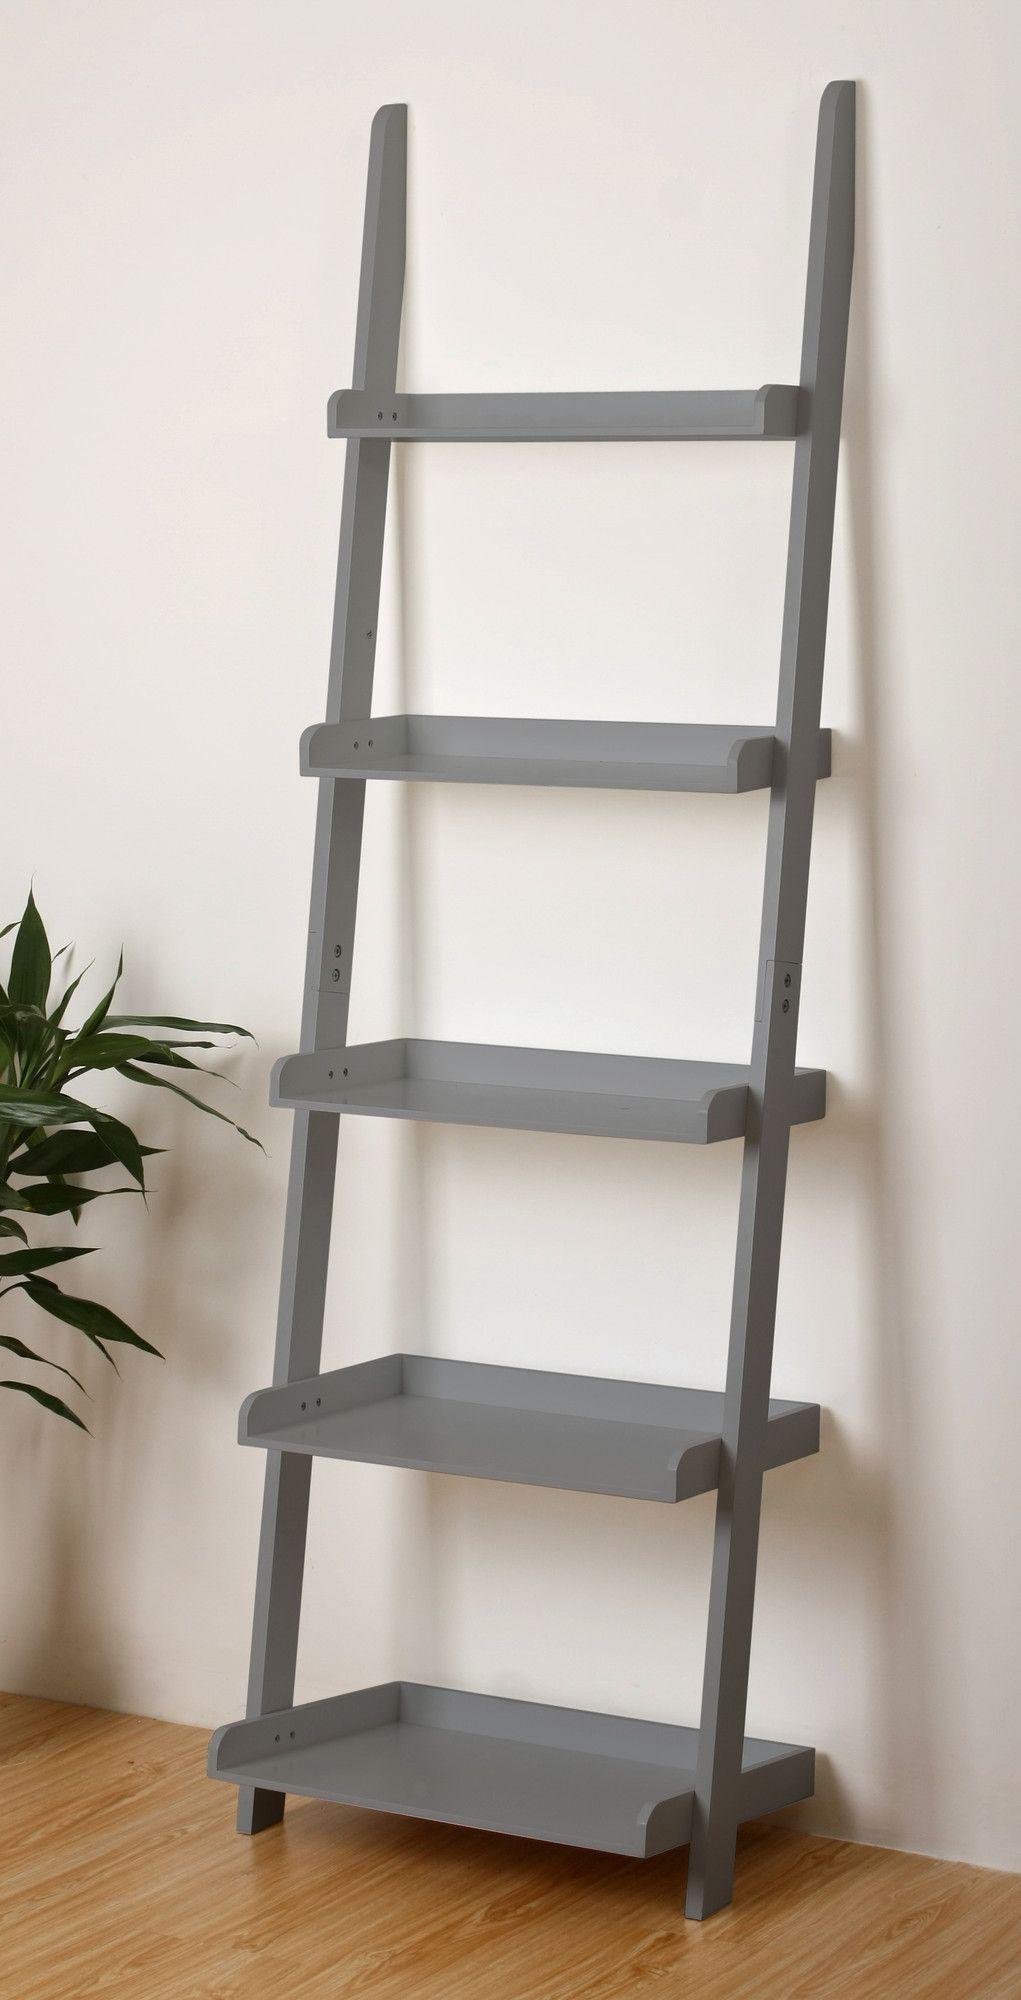 tier ladder